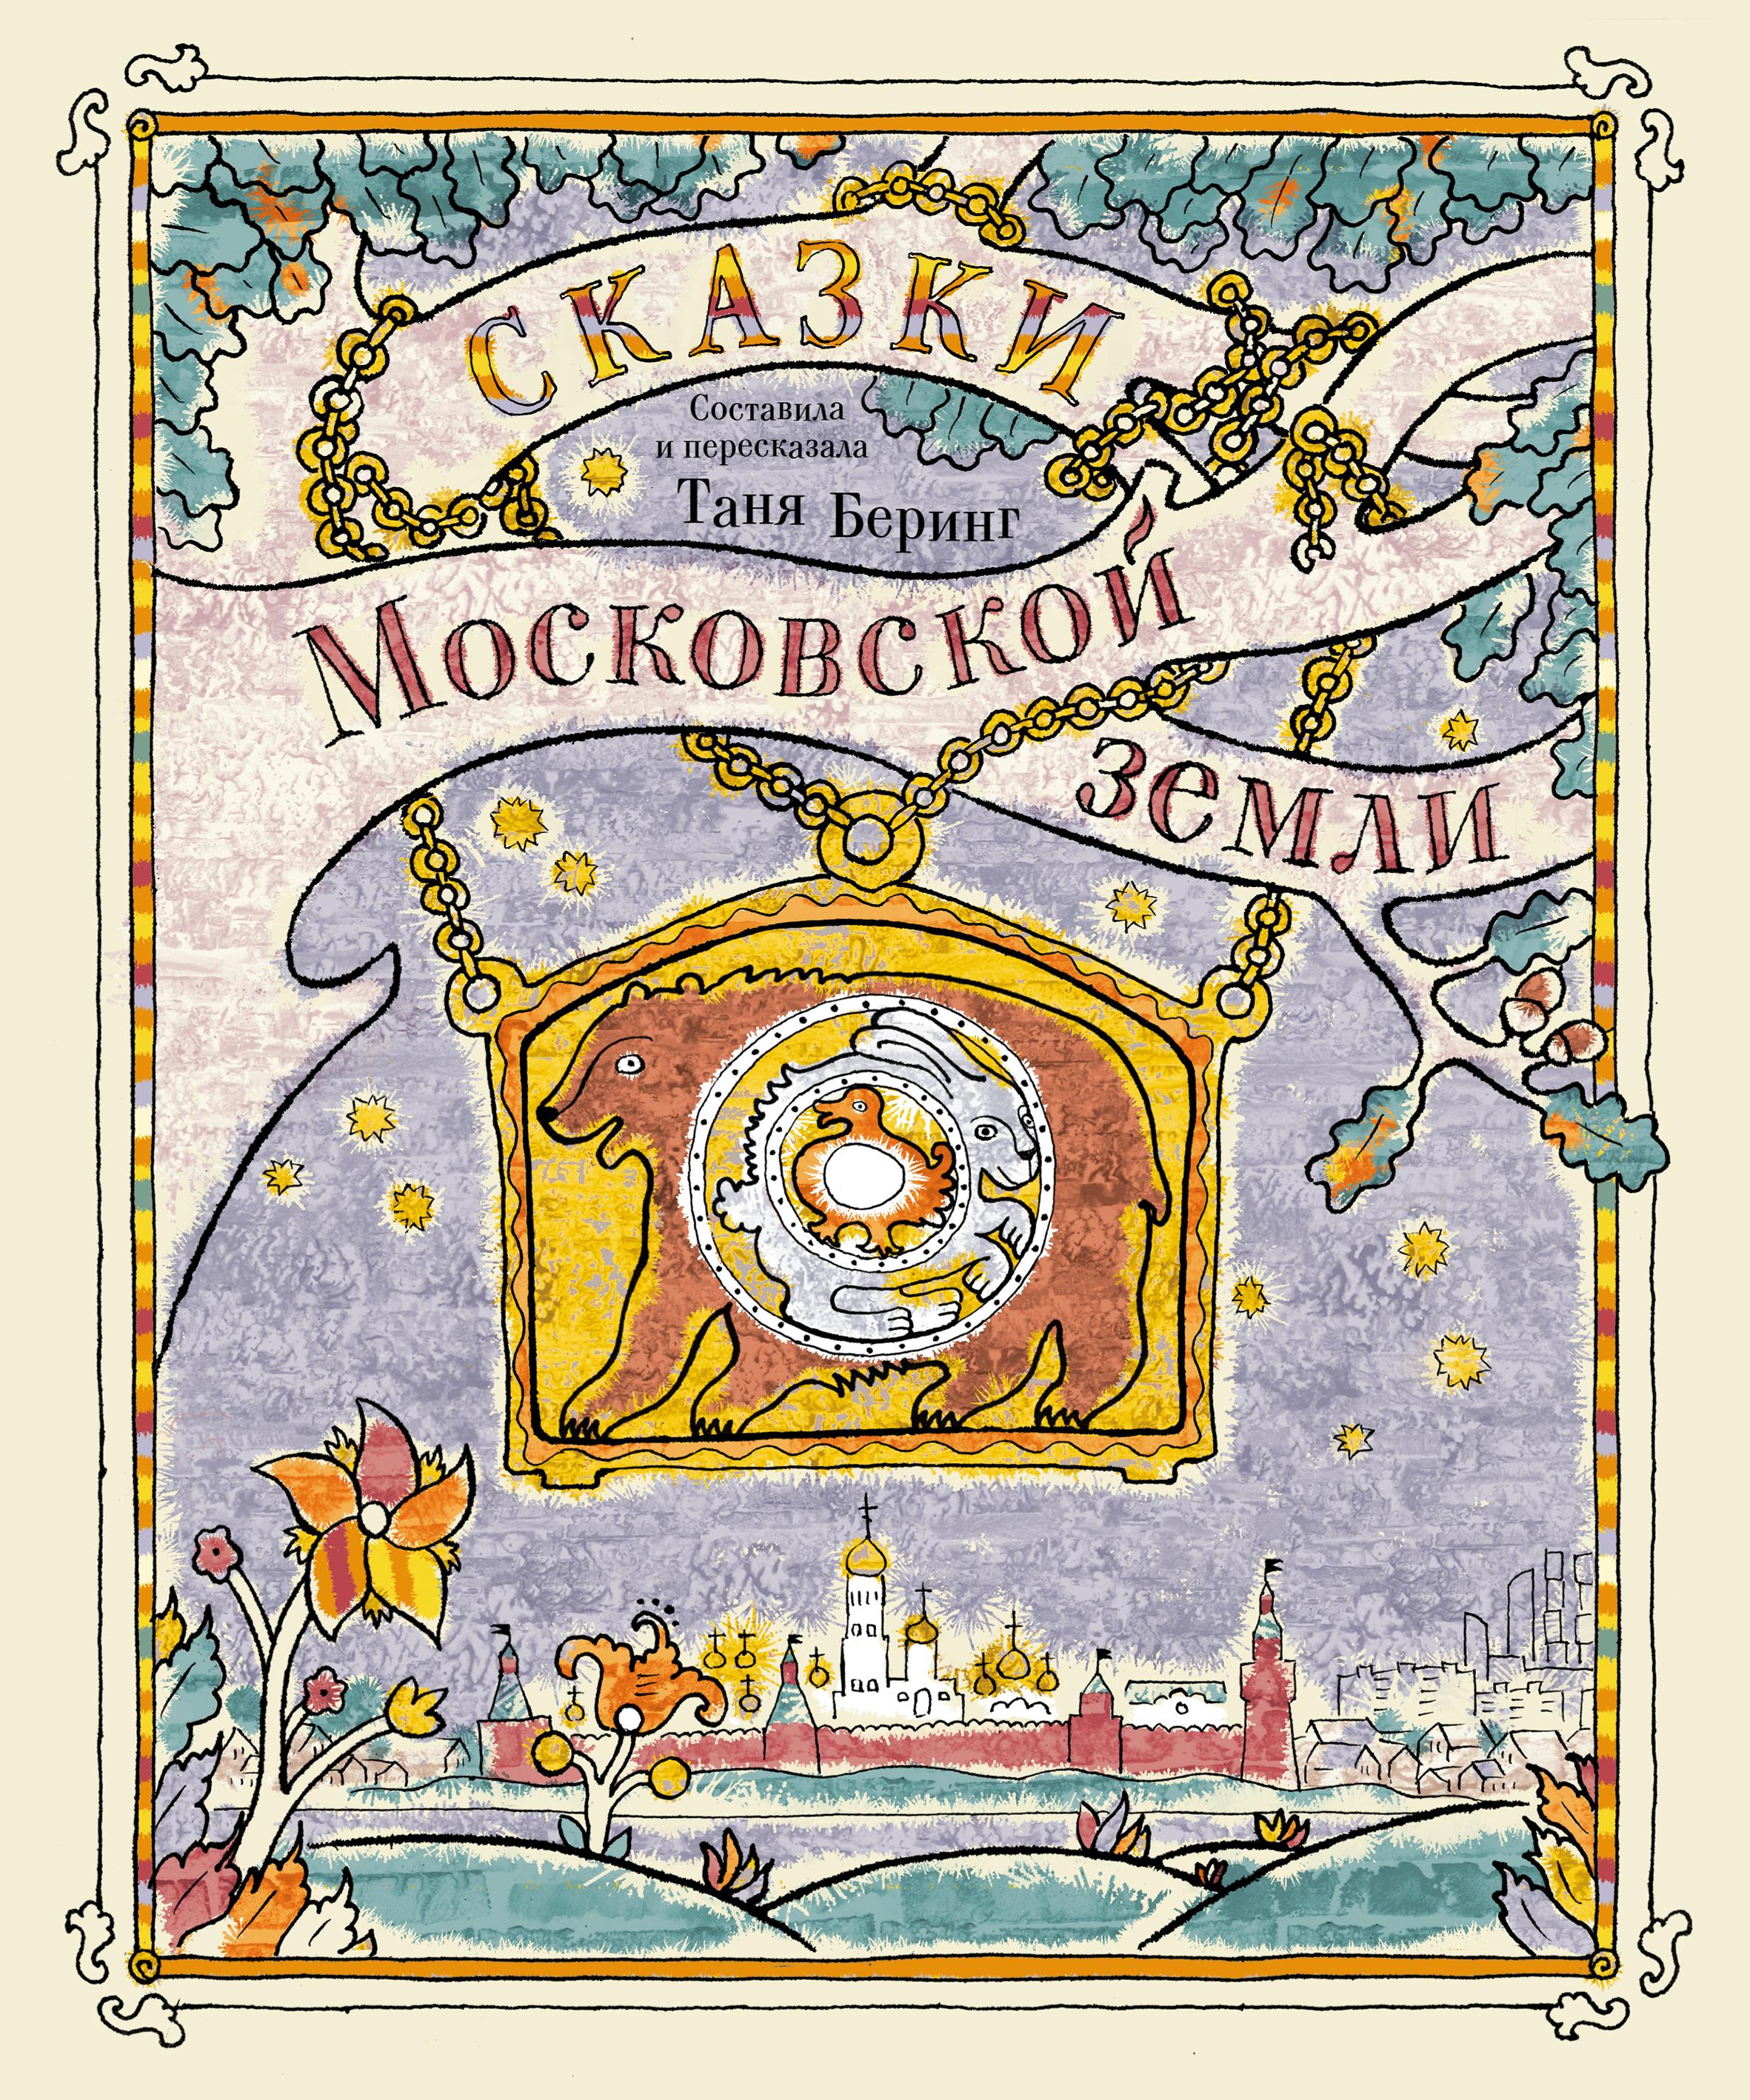 Отсутствует Сказки Московской земли коллектив авторов незнакомые знакомые сказки художник